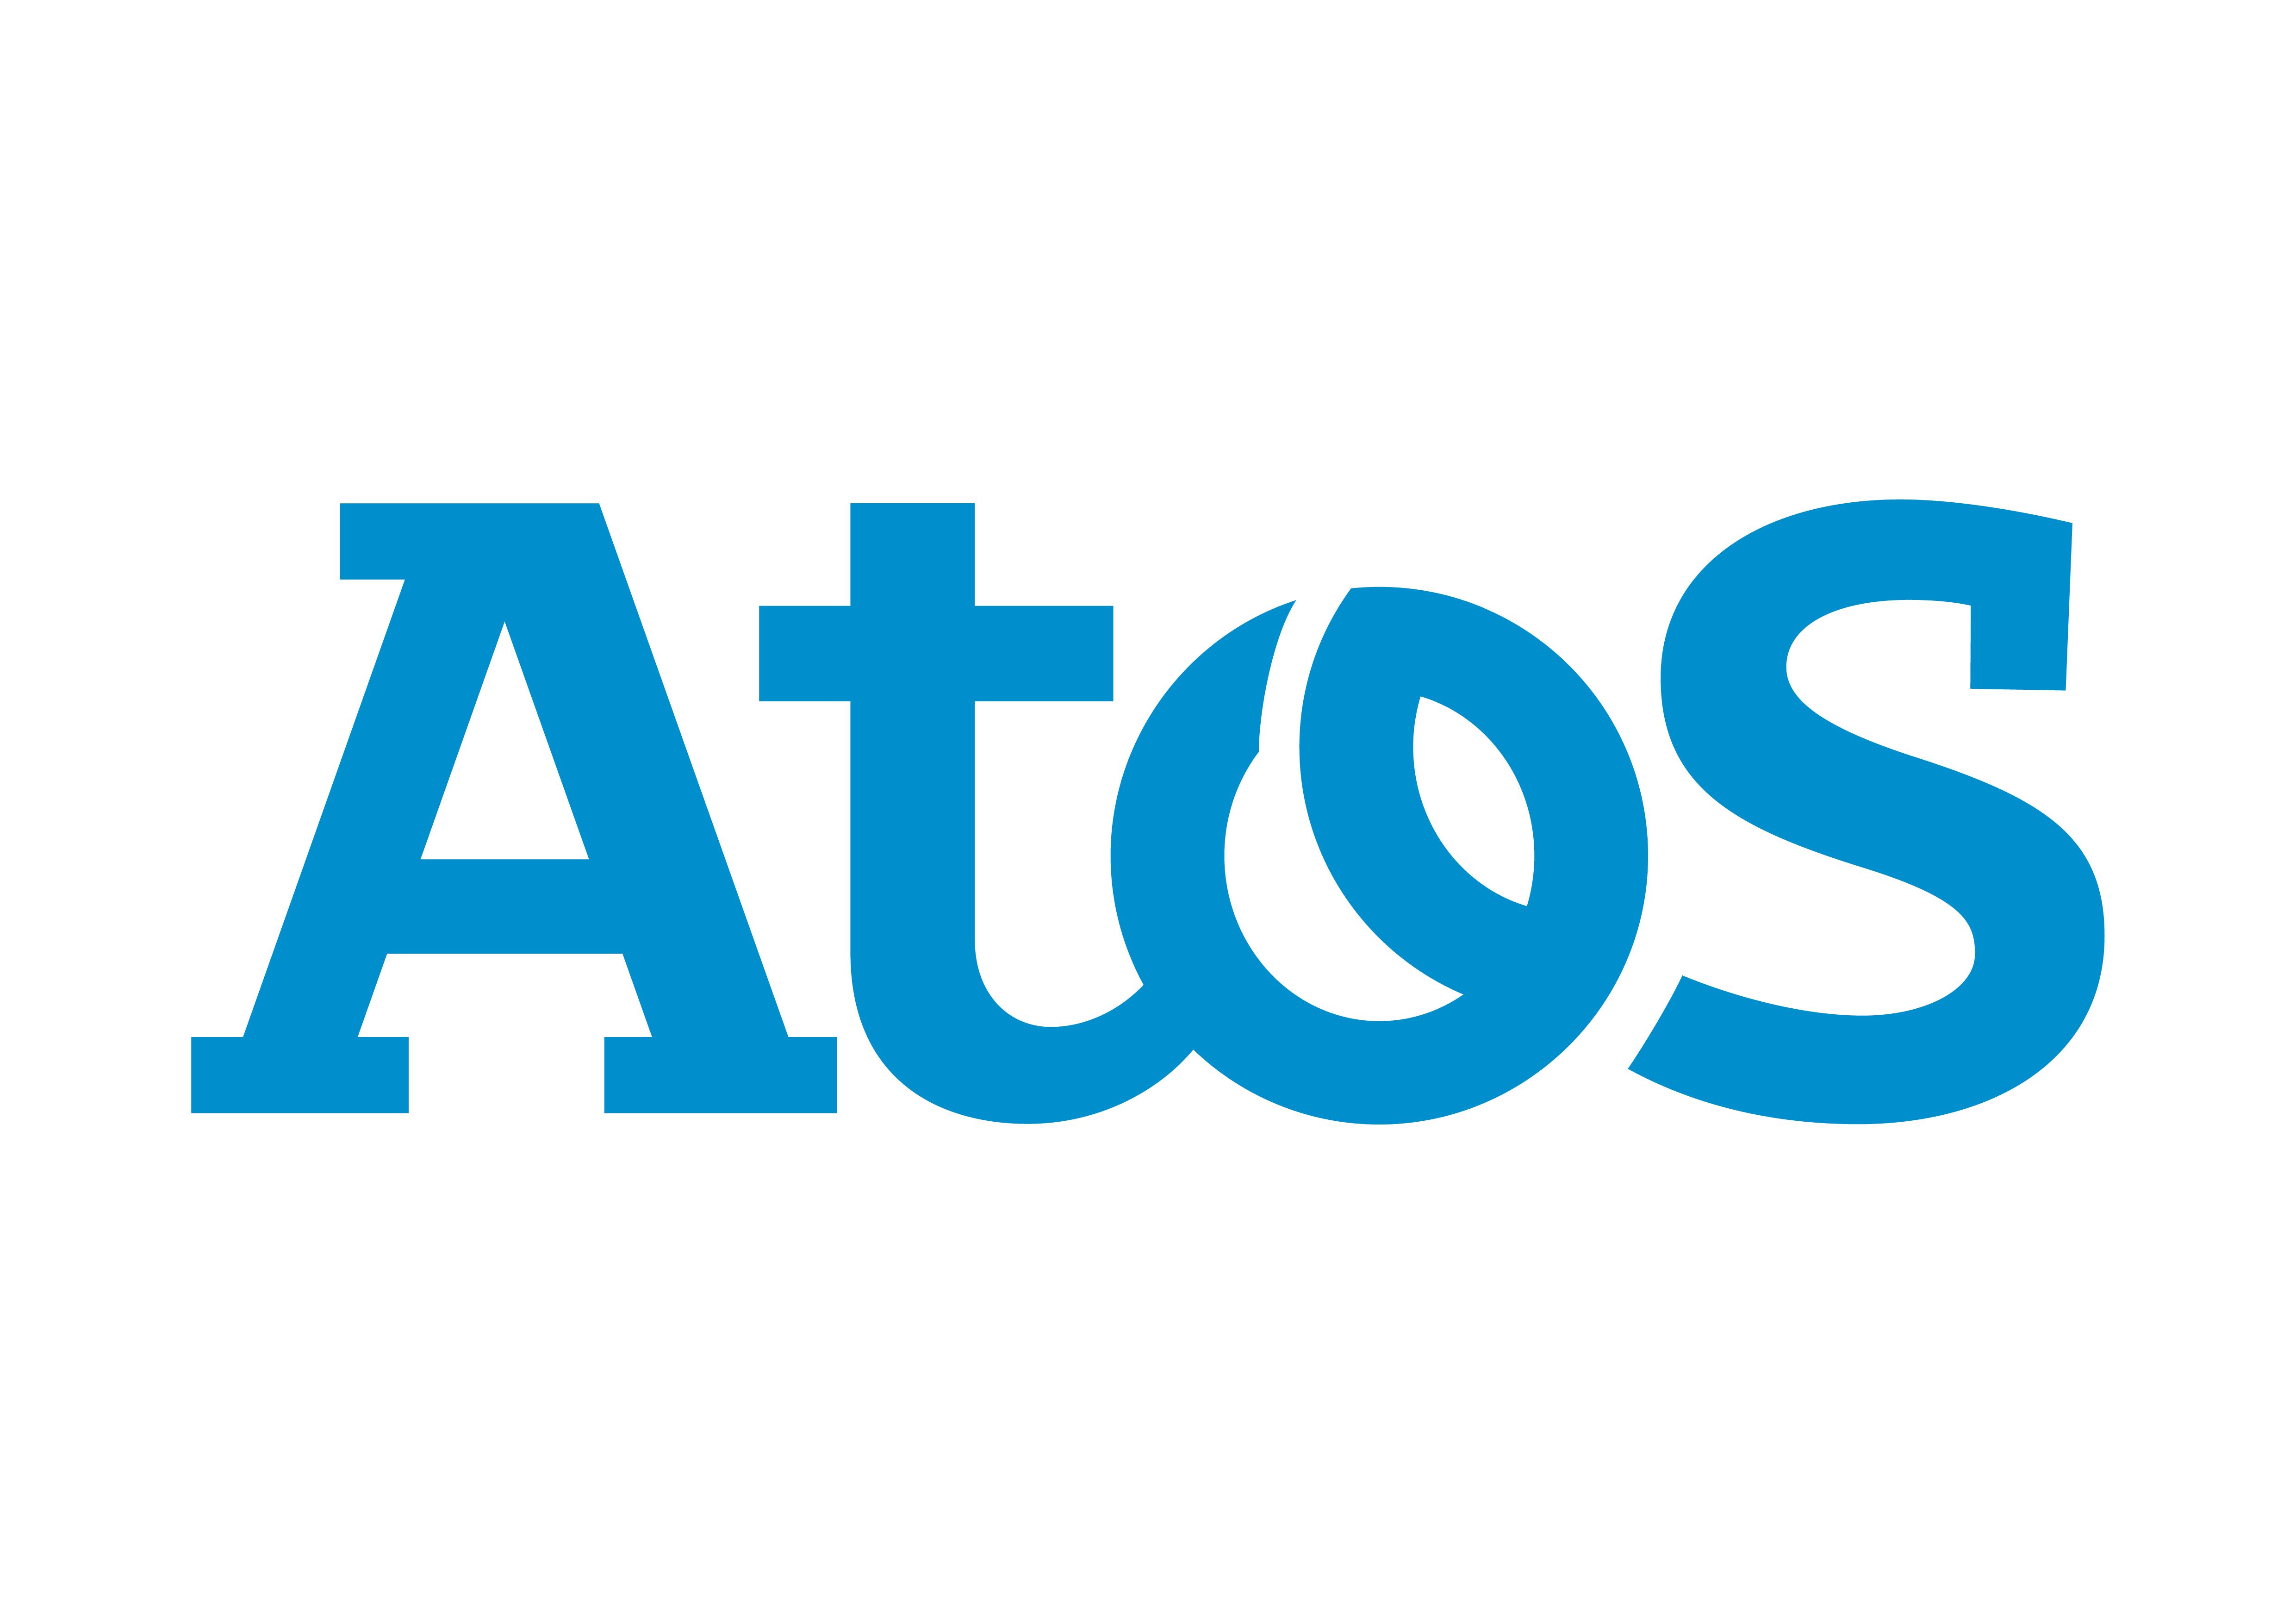 https://hcm12preview.sapsf.eu/doc/custom/AtosTest/Atos_Logo_Pantone.jpg